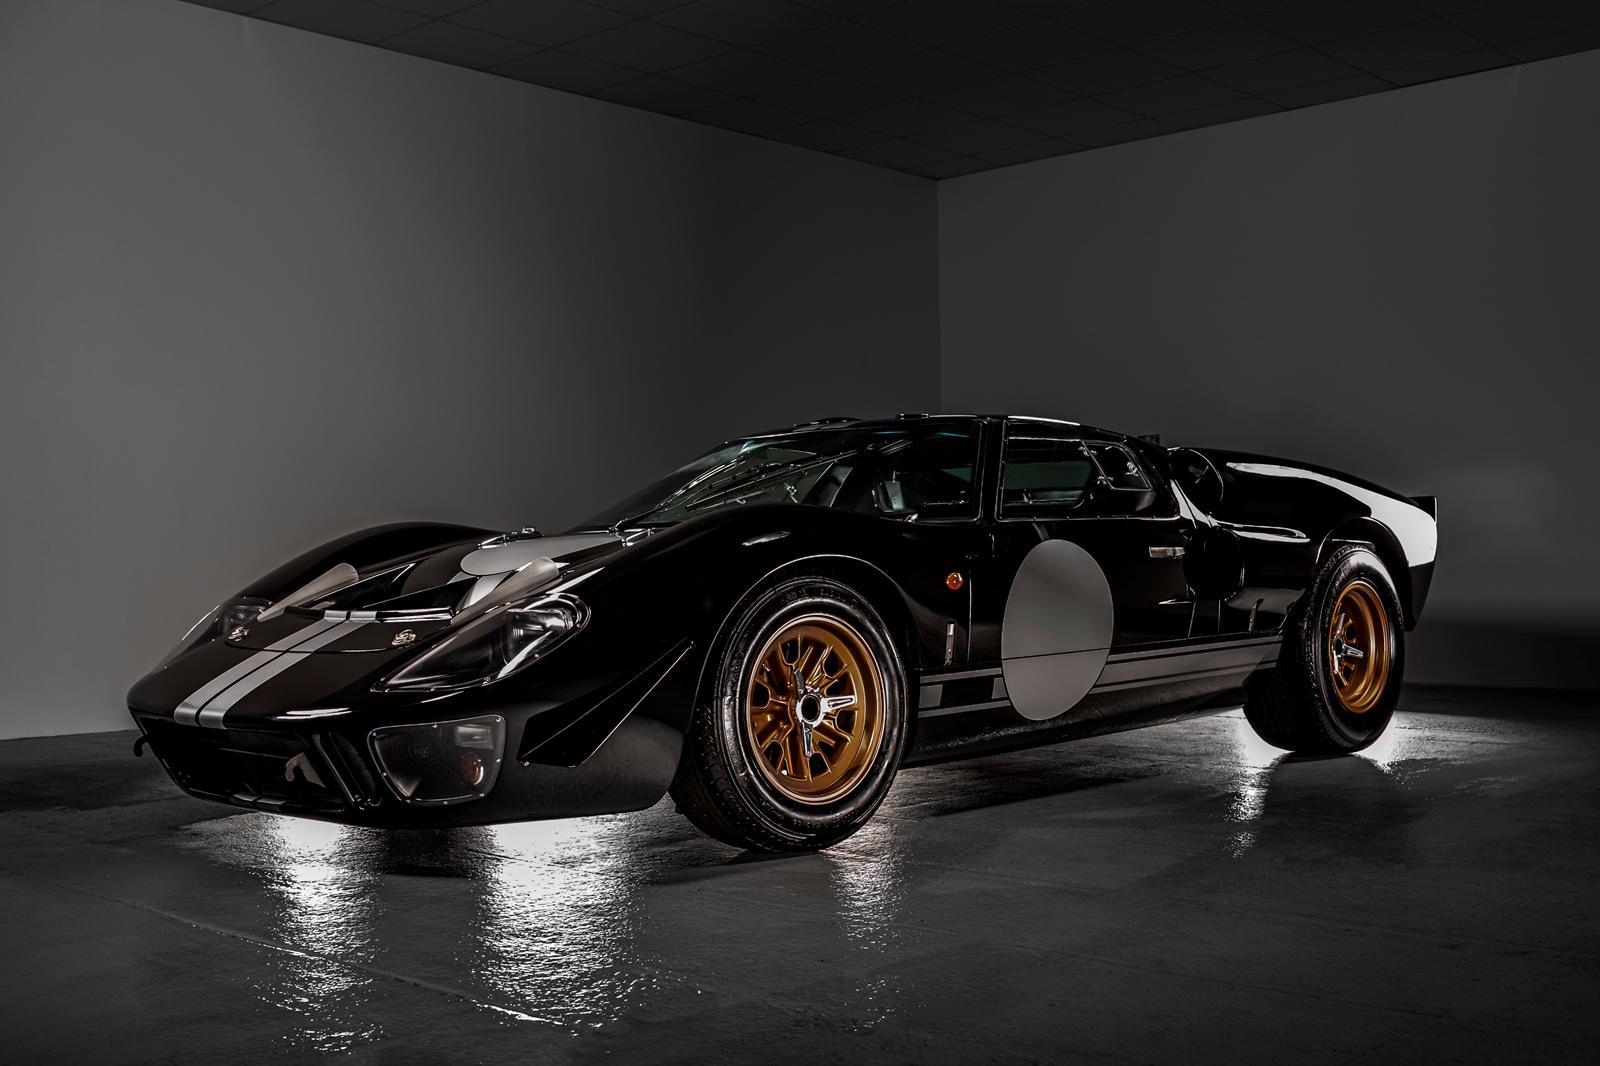 Everrati-điện-hóa-xe-đua-huyền-thoại-Ford-GT40 (1).jpg